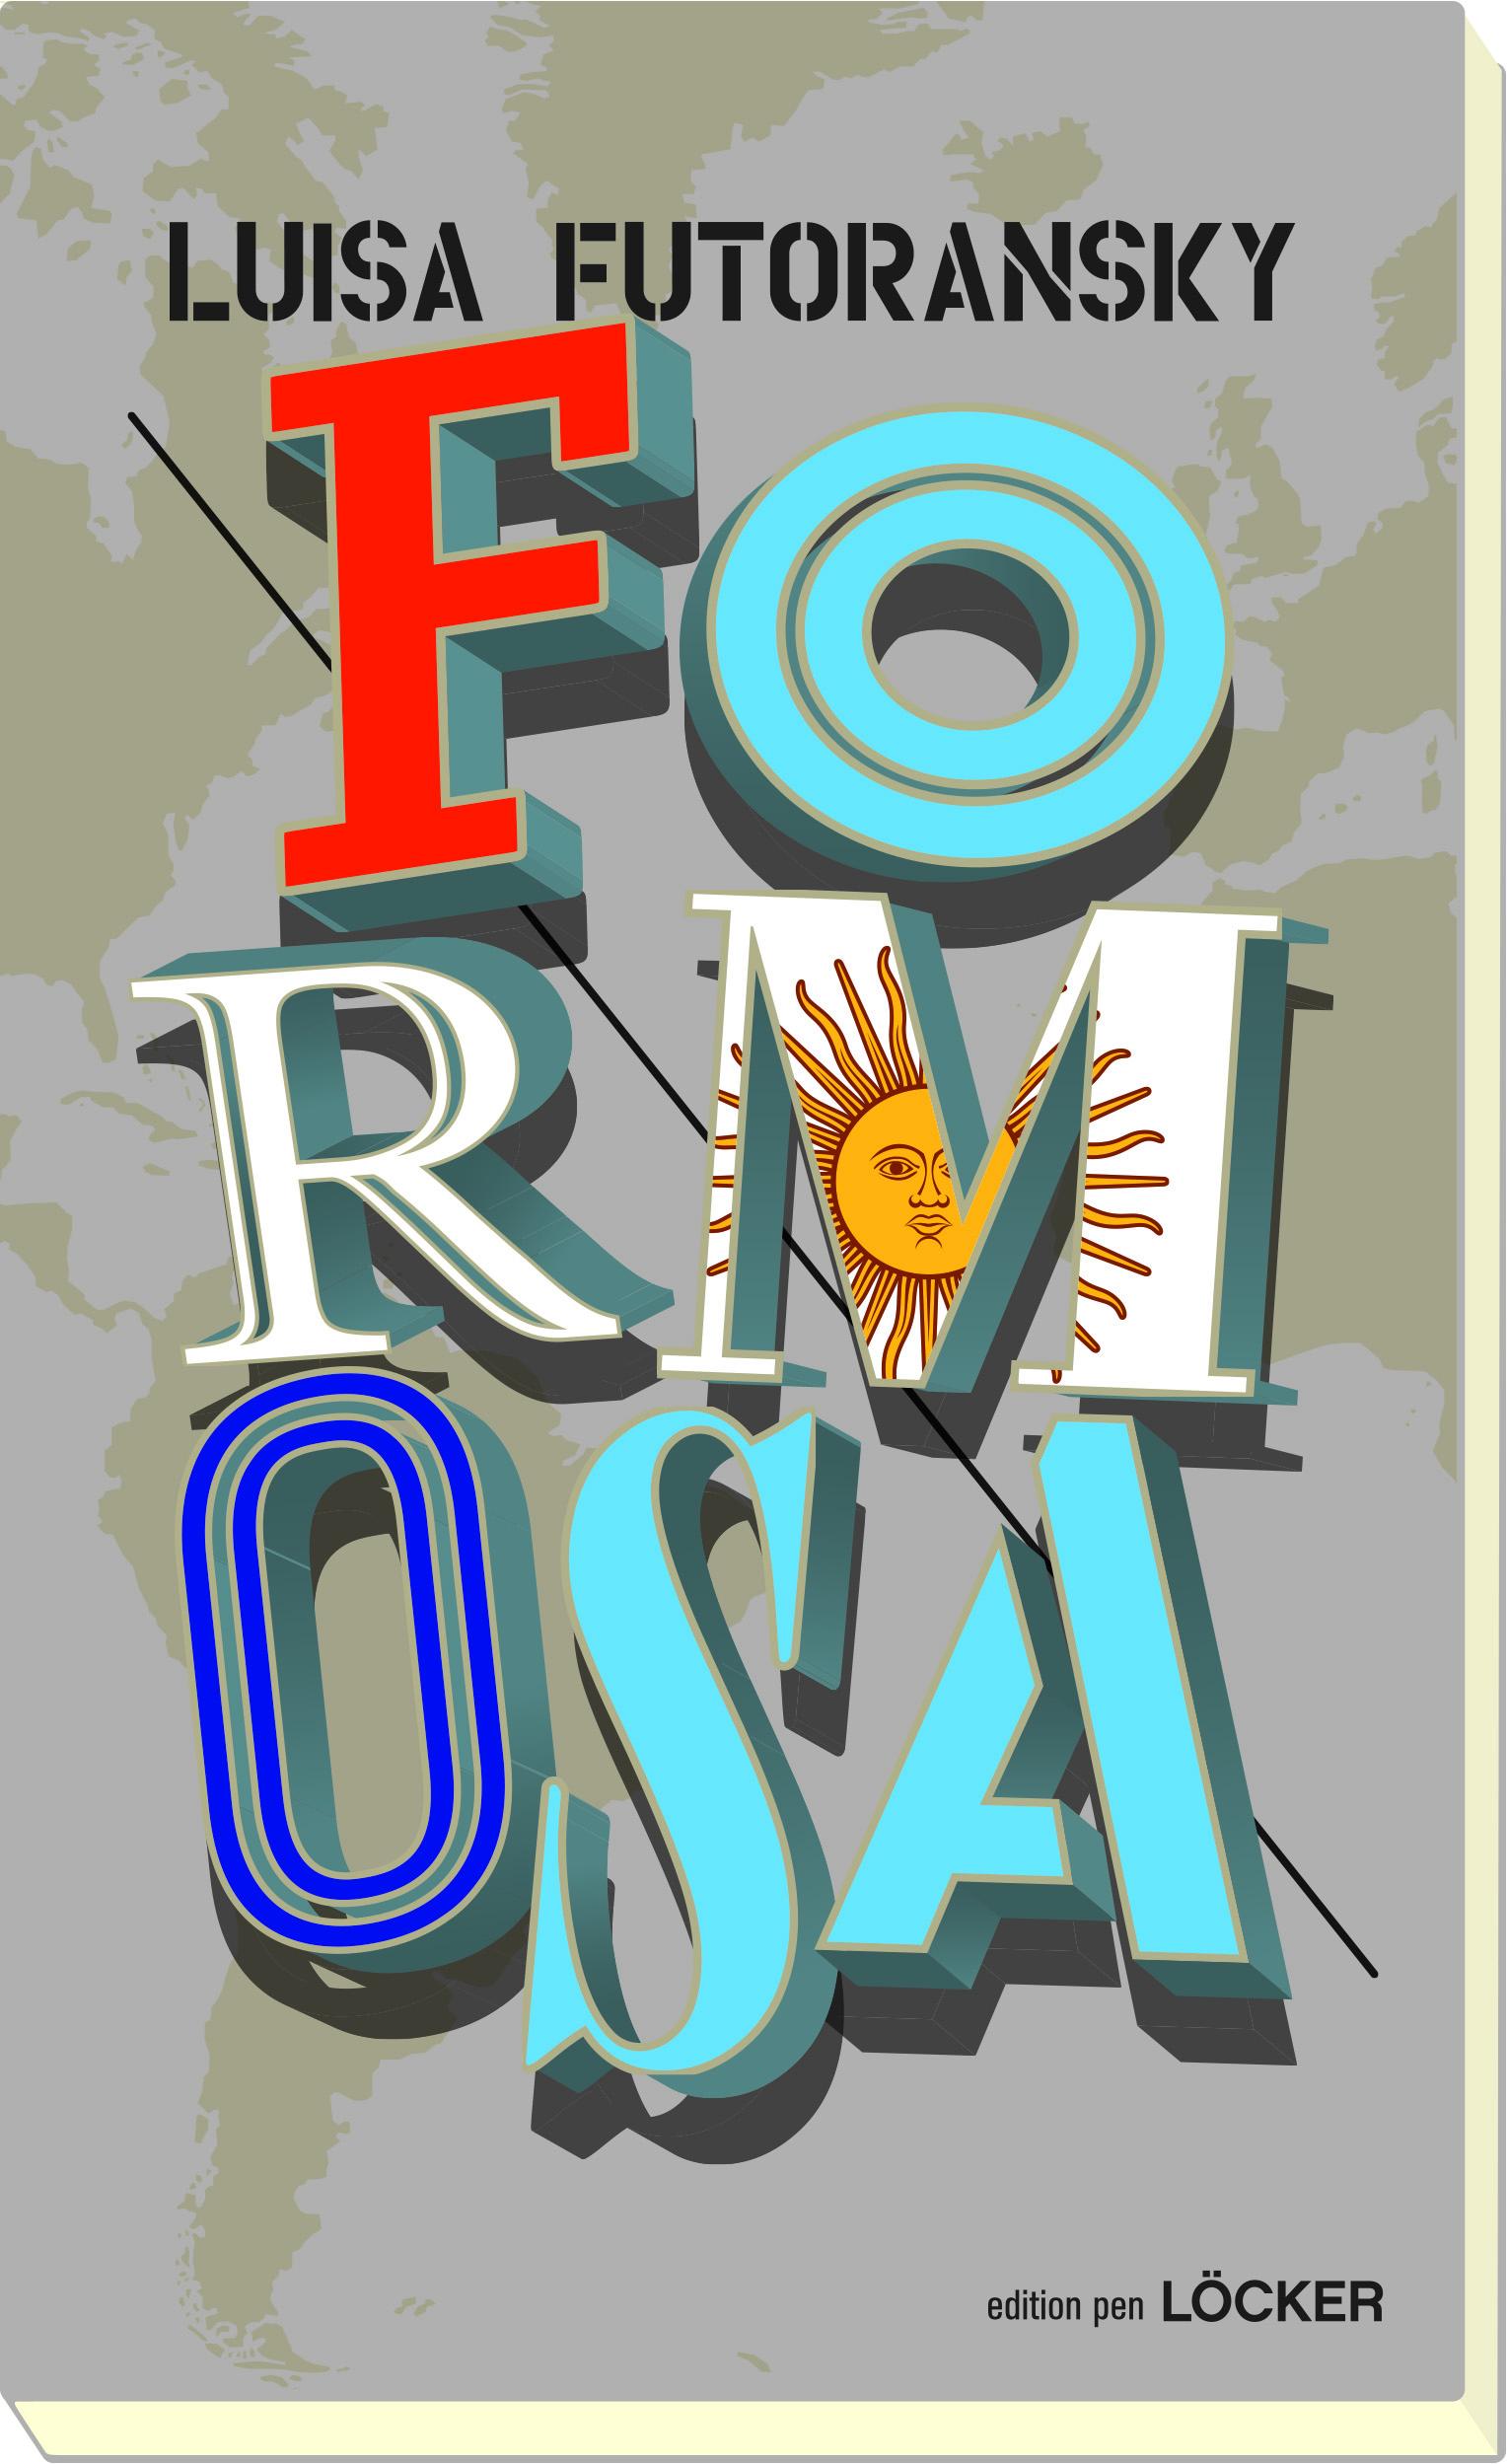 NEU-Formosa-Luisa-Futoransky-098645